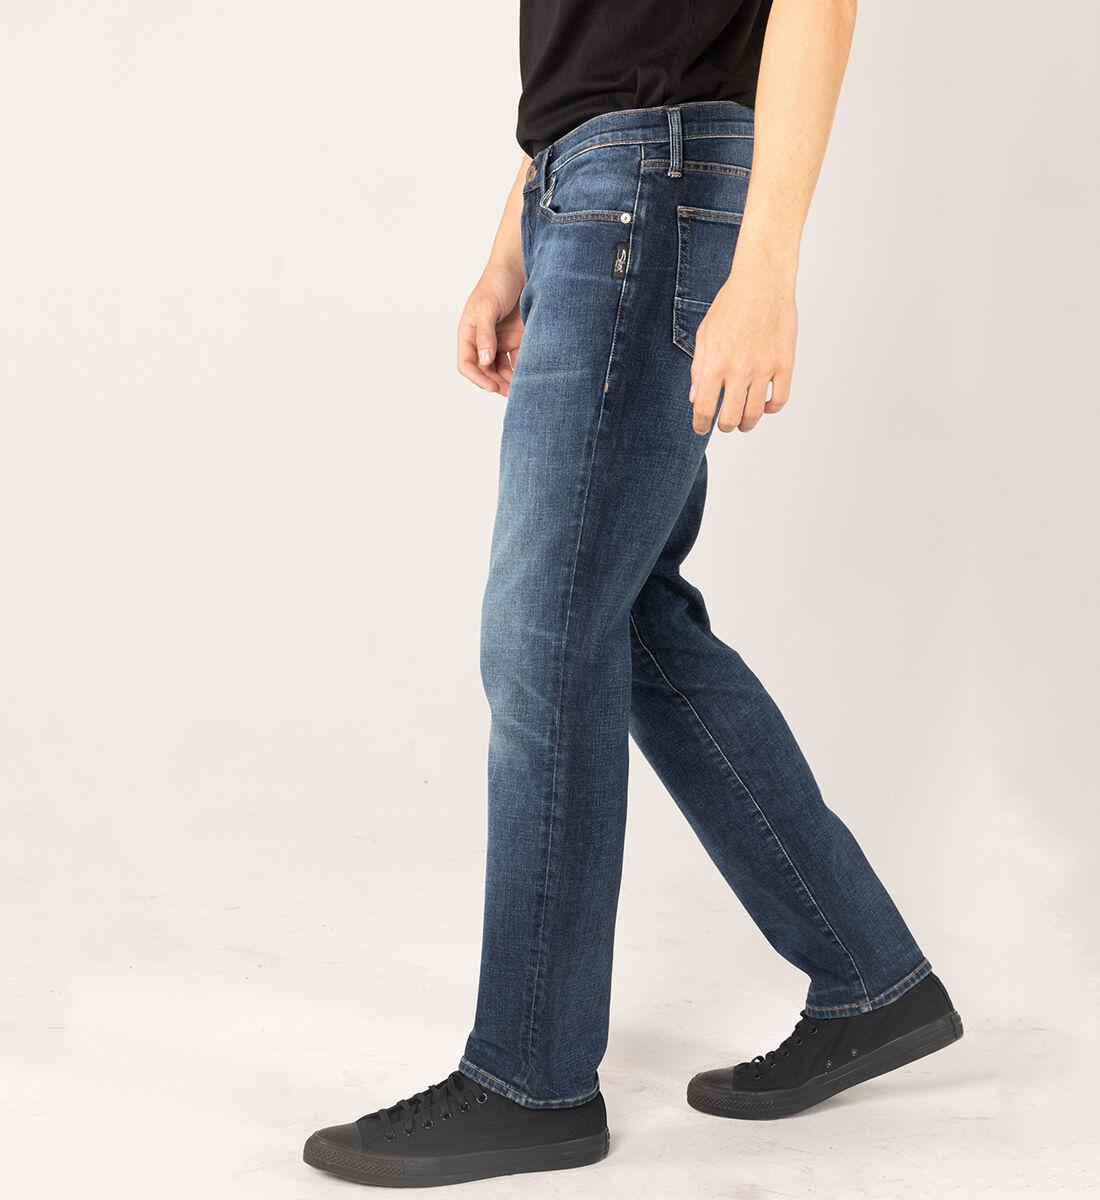 MACHRAY CLASSIC FIT STRAIGHT LEG JEANS Big & Tall Side